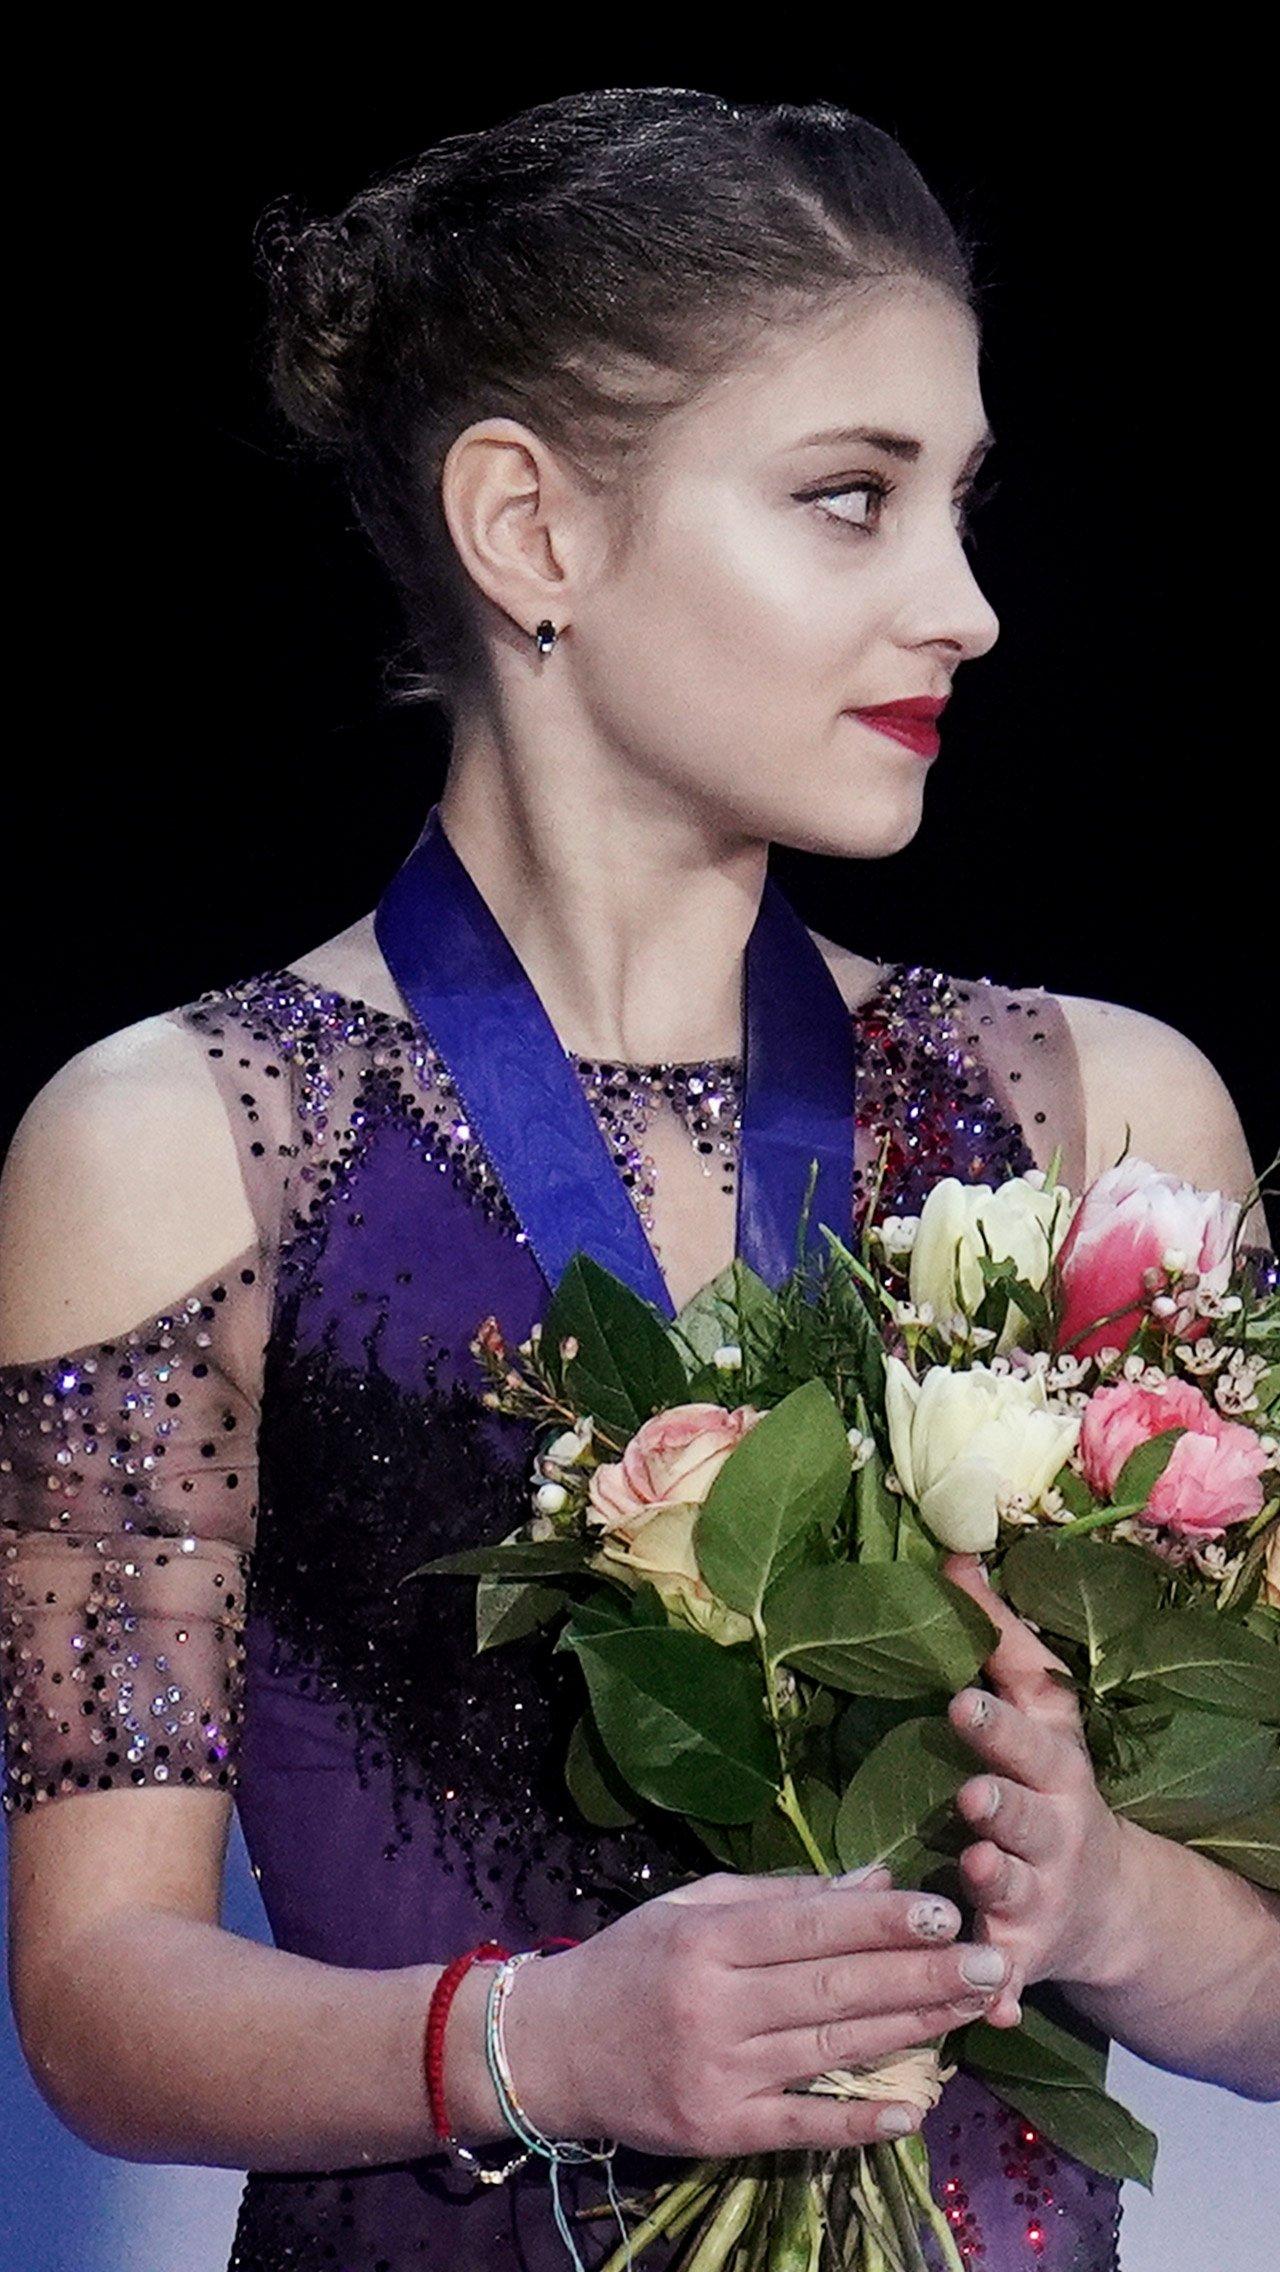 Ещё раньше из академии Плющенко в «Хрустальный» вернулась чемпионка Европы Алёна Косторная. В «ангелах» фигуристка заметно сдала и не попала на чемпионат мира.